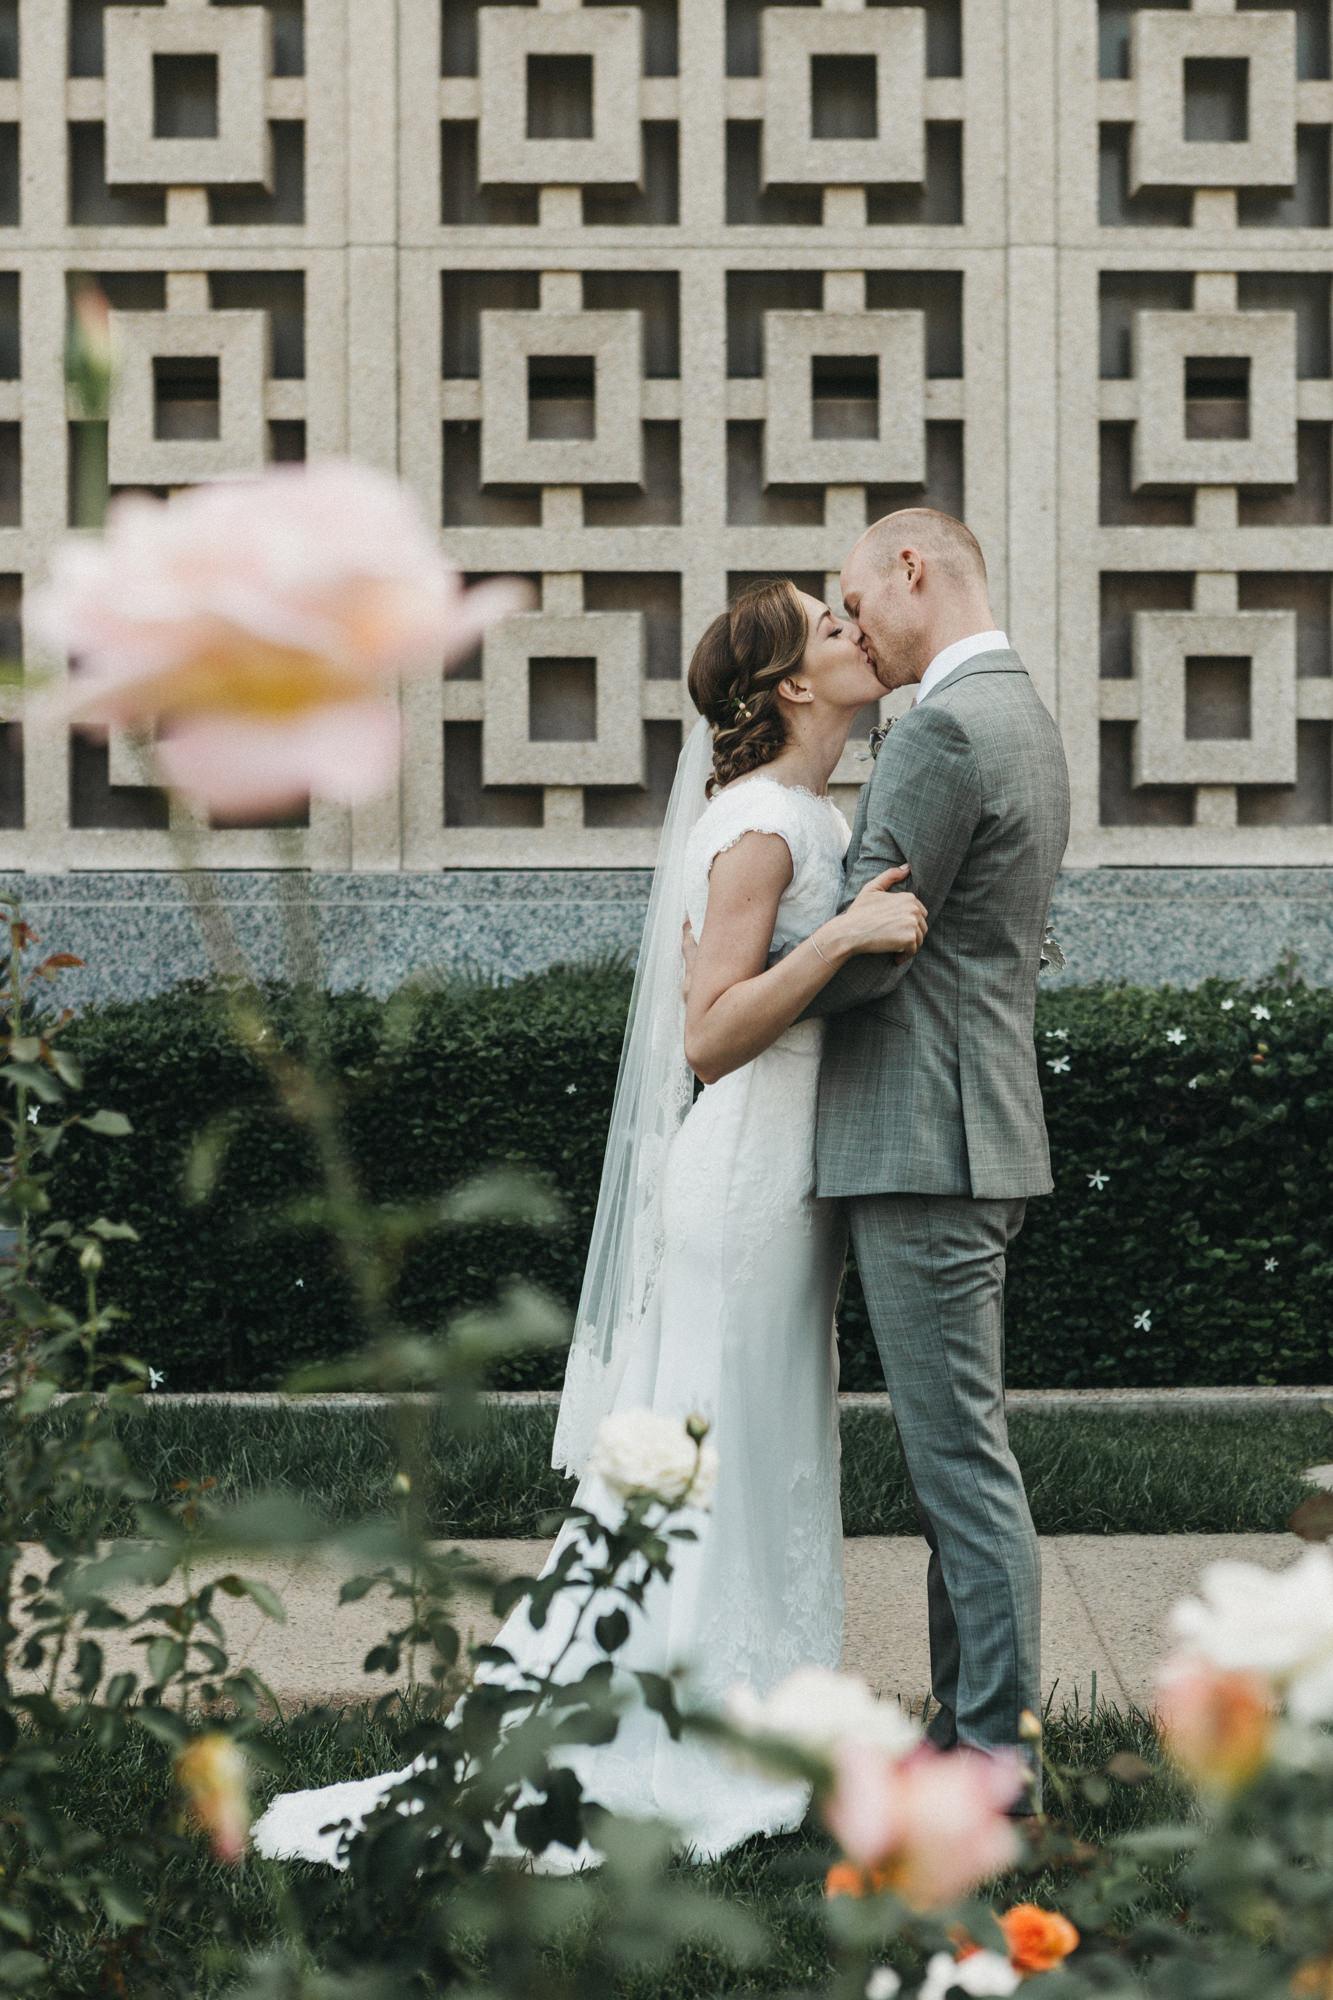 los_angeles_mormon_temple_wedding-6.jpg